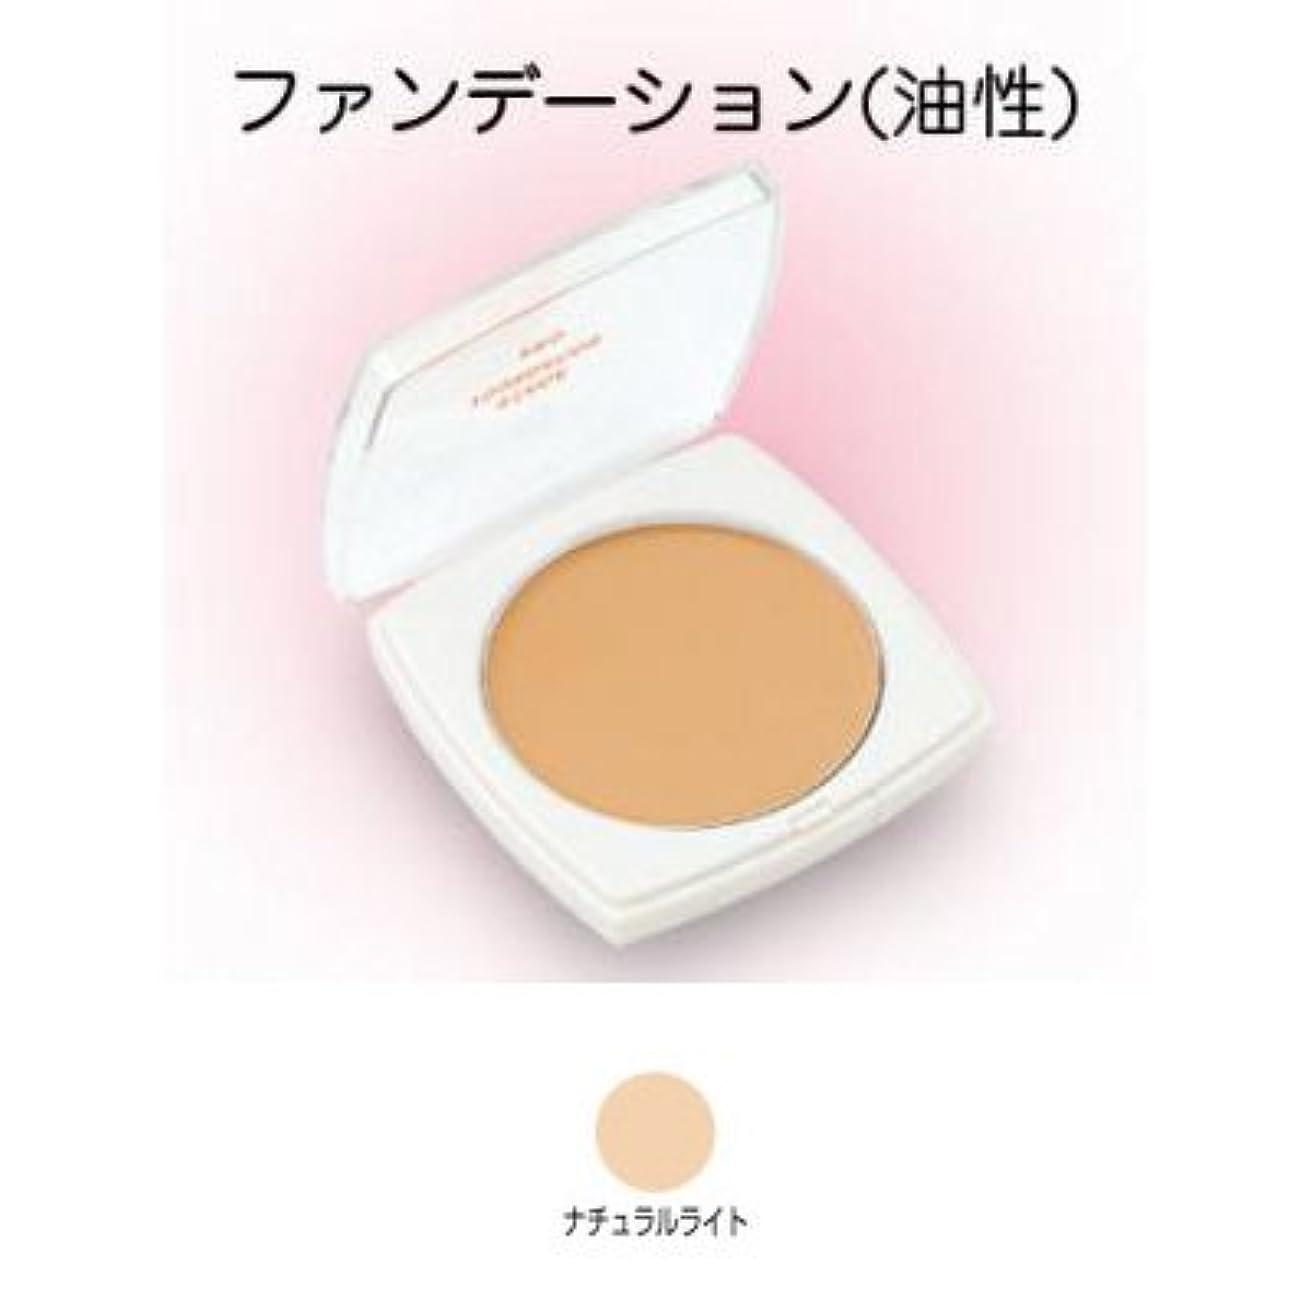 ずるい影響カジュアルステージファンデーション プロ 13g ナチュラルライト 【三善】